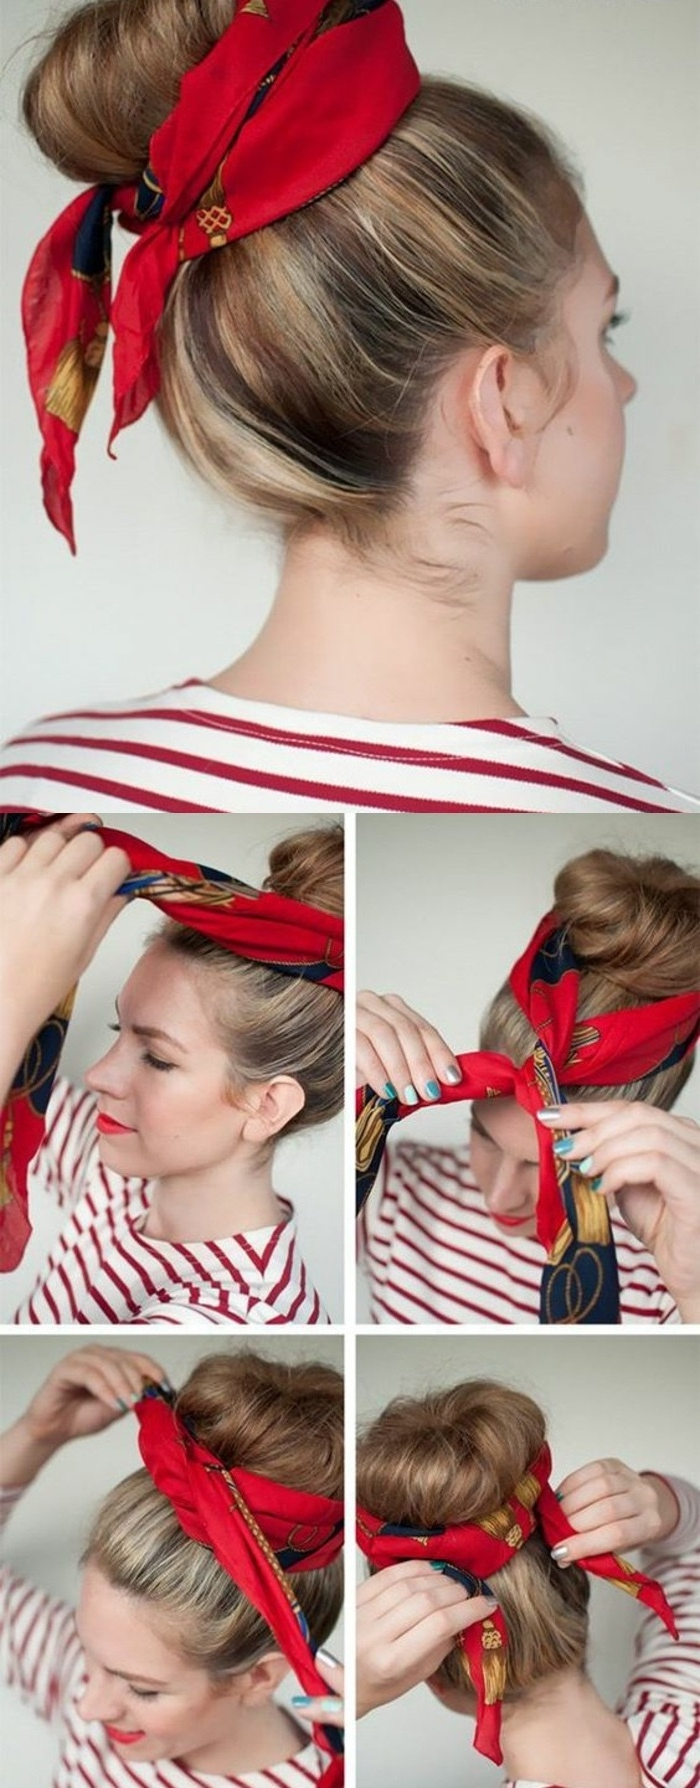 Bandana binden in vier einfachen Schritten, Dutt mit rotem Kopftuch, coole Frisur für den Alltag